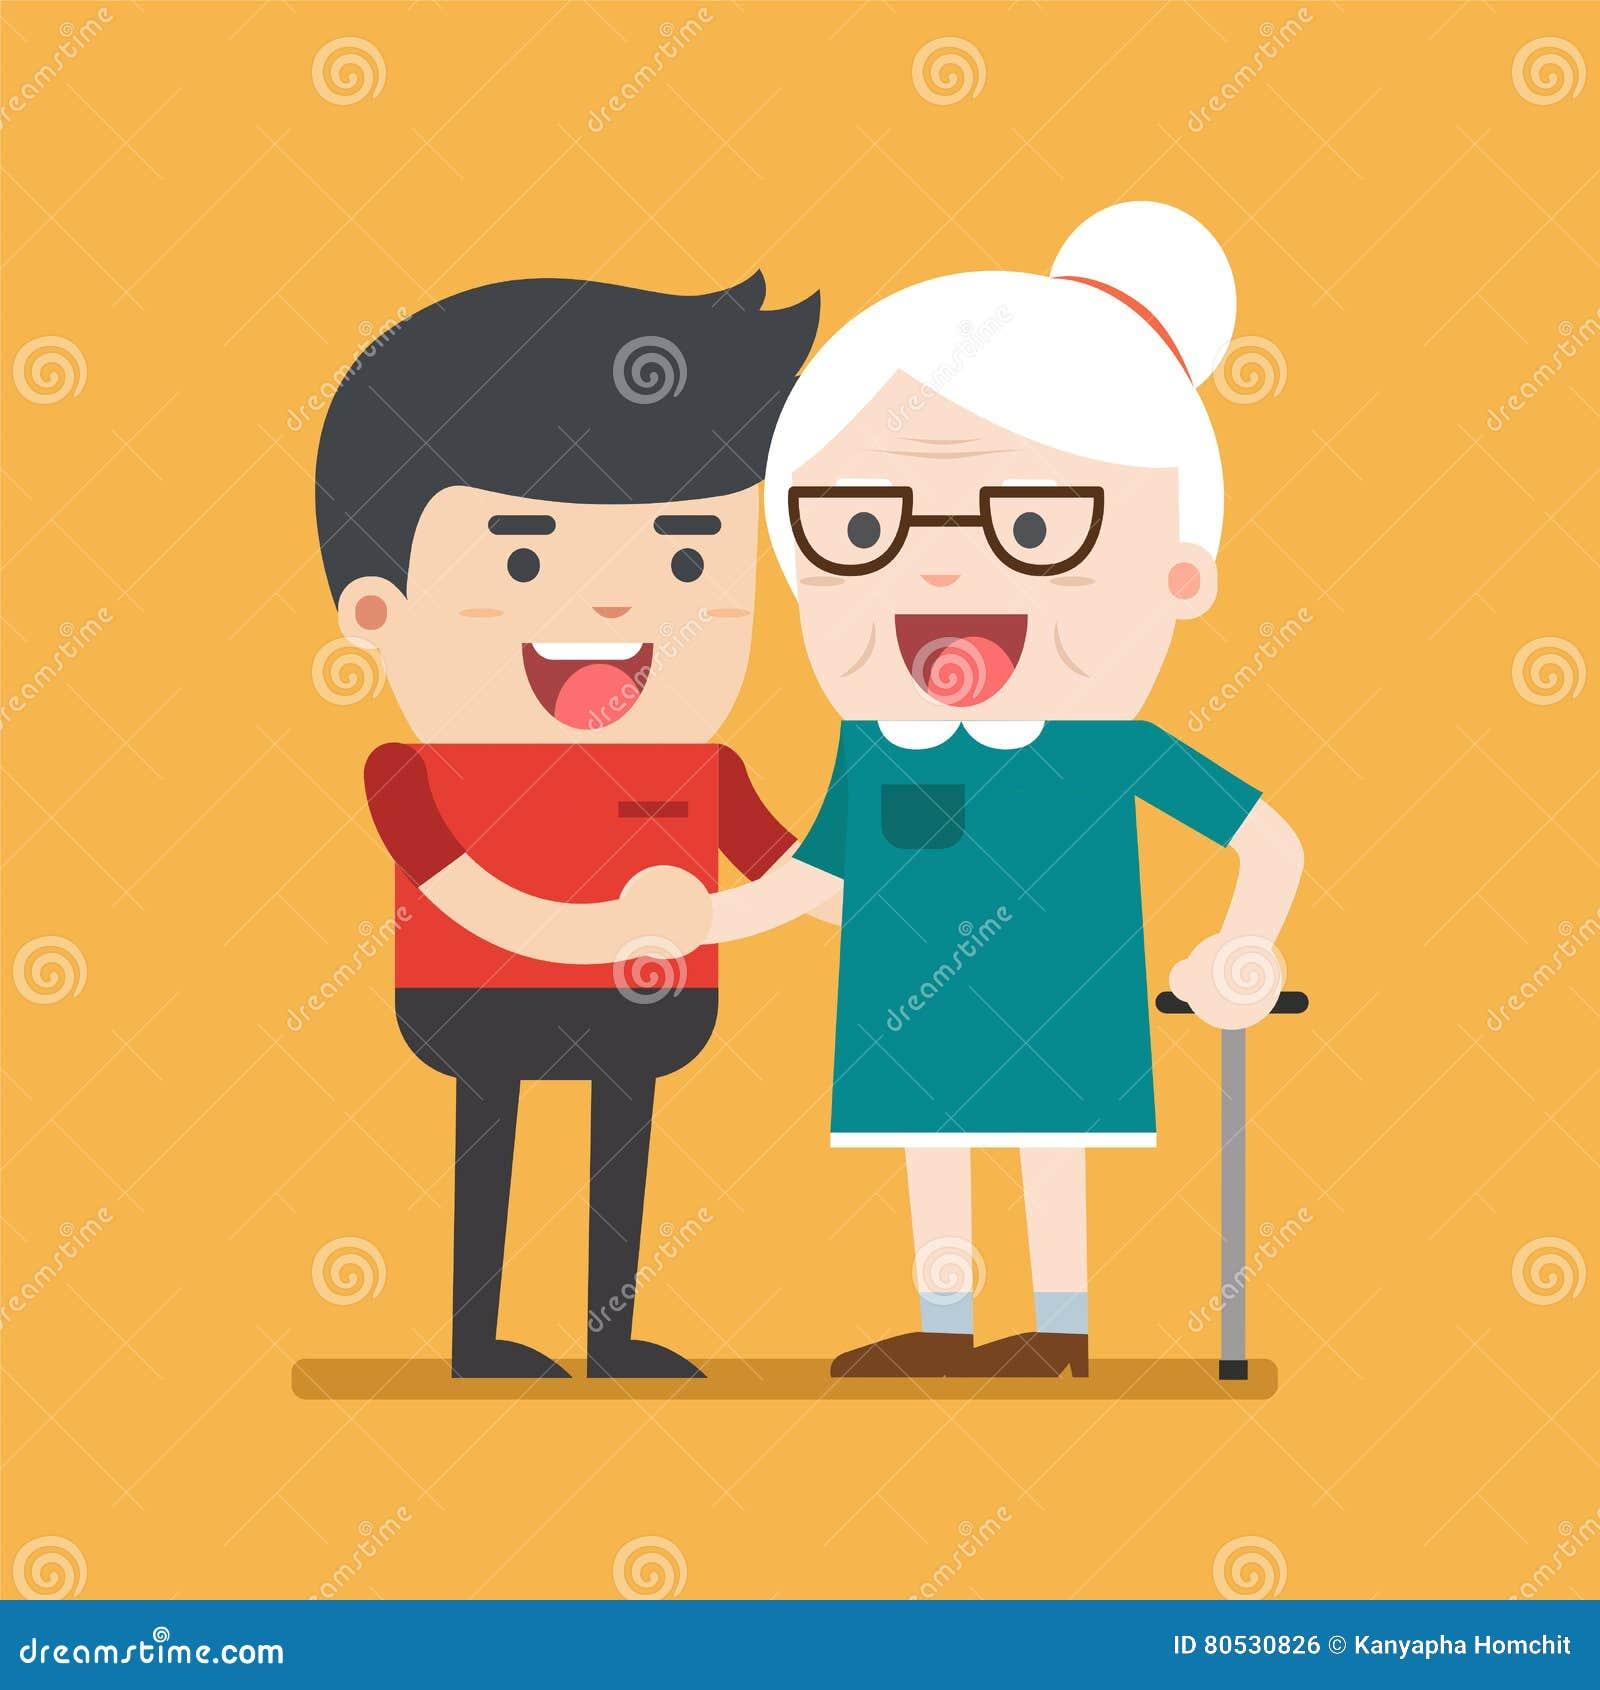 Απεικόνιση του νέου εθελοντικού άνδρα που φροντίζει για την ηλικιωμένη γυναίκα